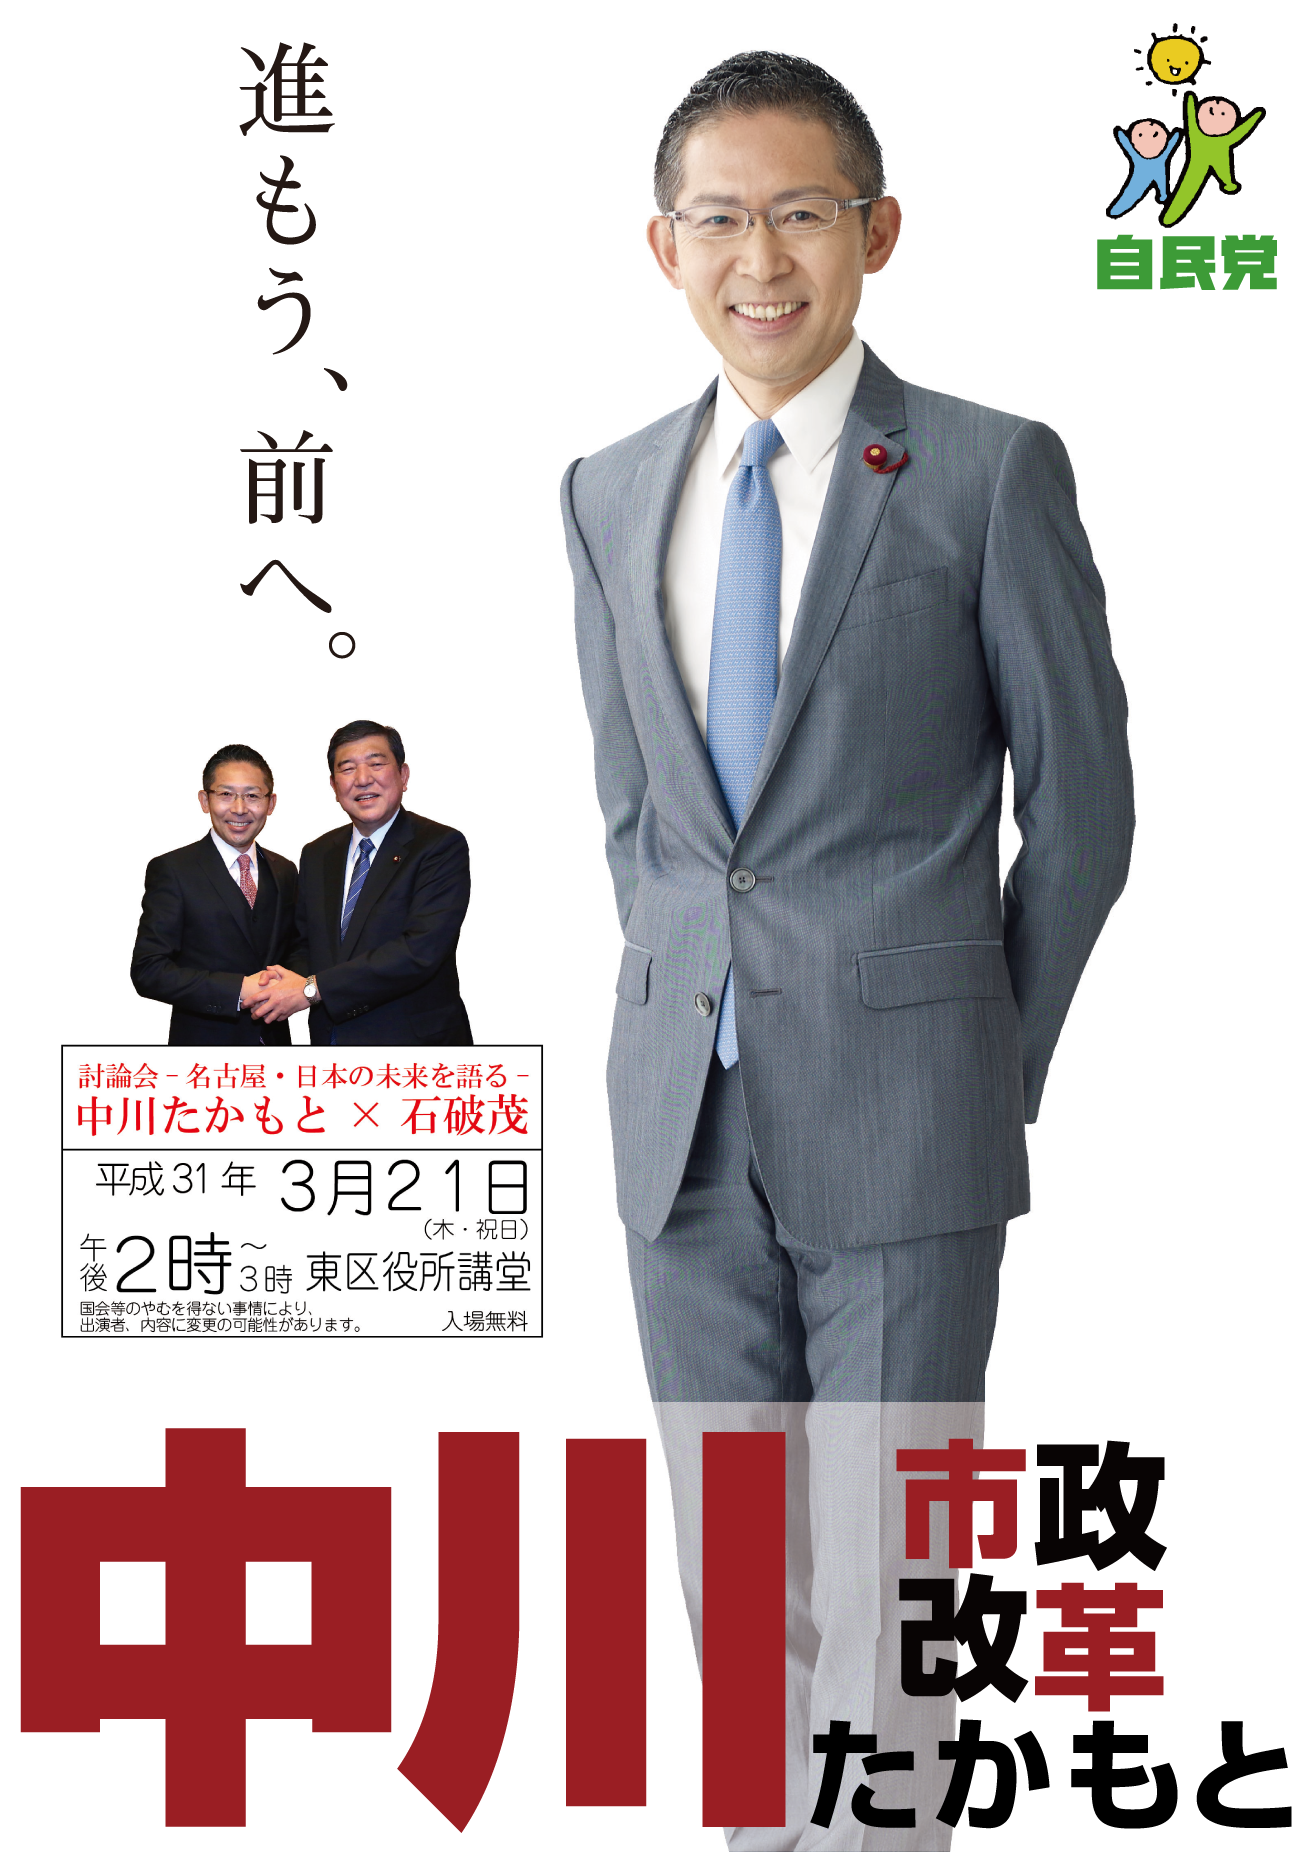 中川たかもと市政改革(進もう、前へ)